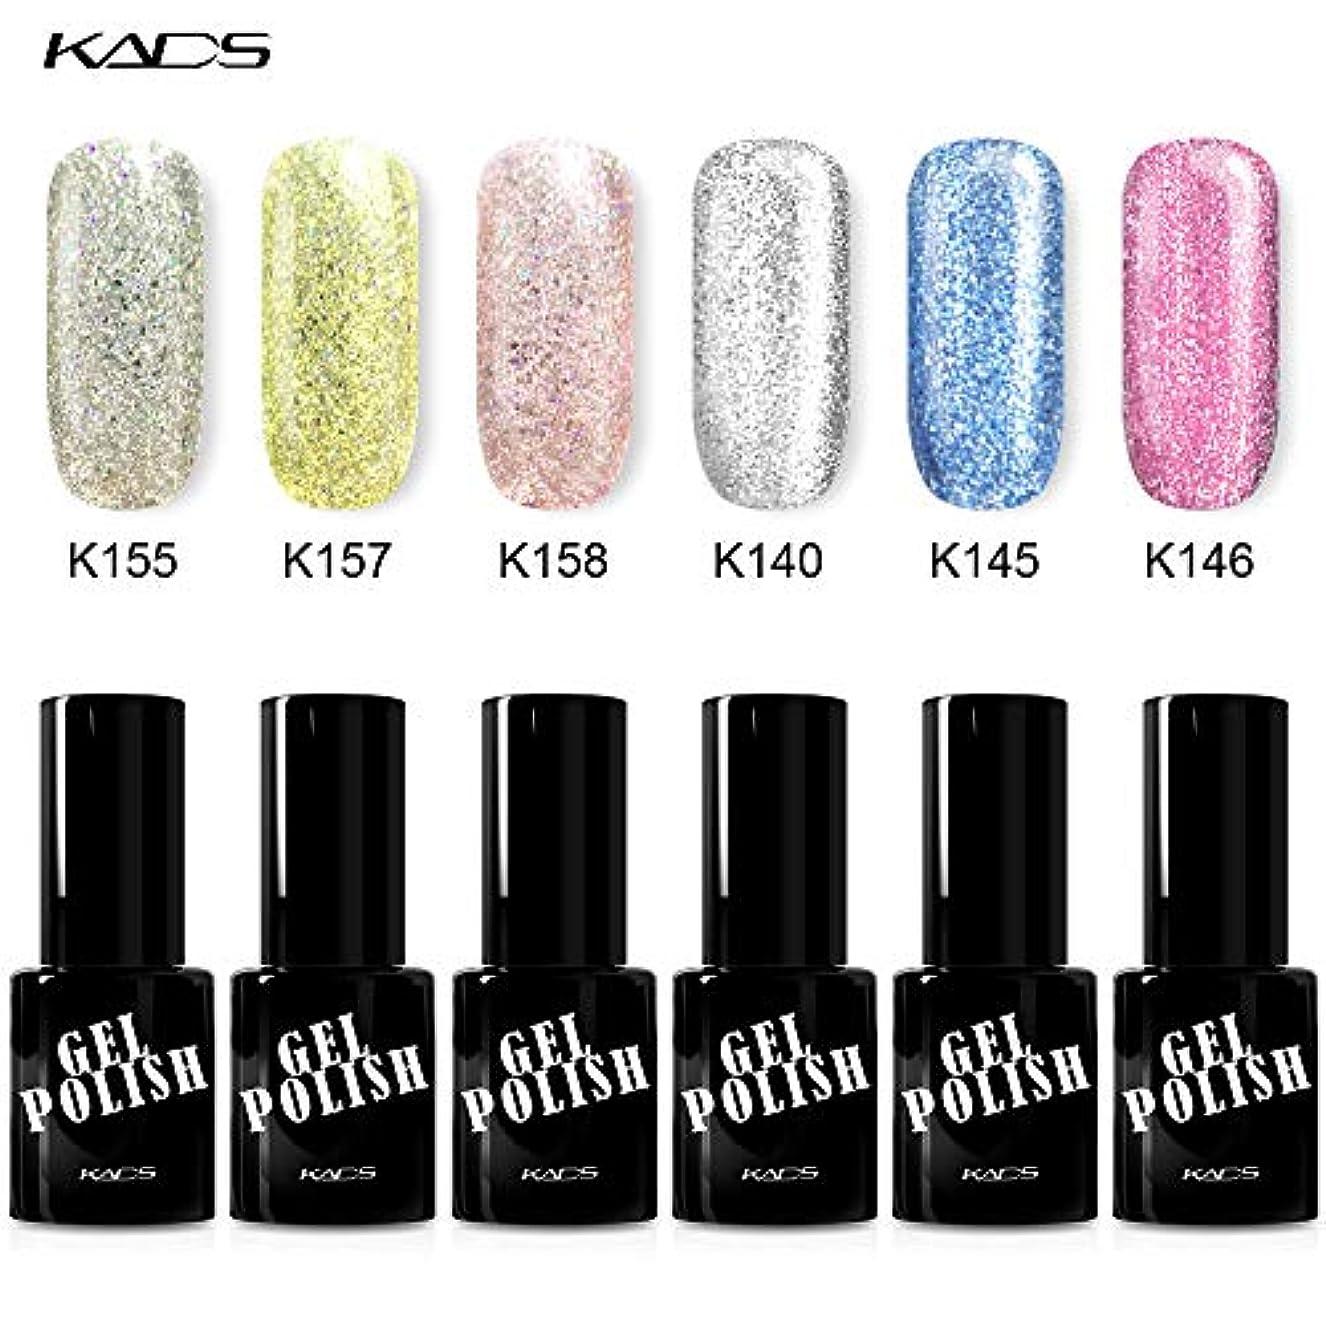 去る言い聞かせる交換KADS カラージェル ラメ入りジェル キラキラ目 シルバー/ピンク系 6色セット 9.5ML UV?LED対応 艶長持ち